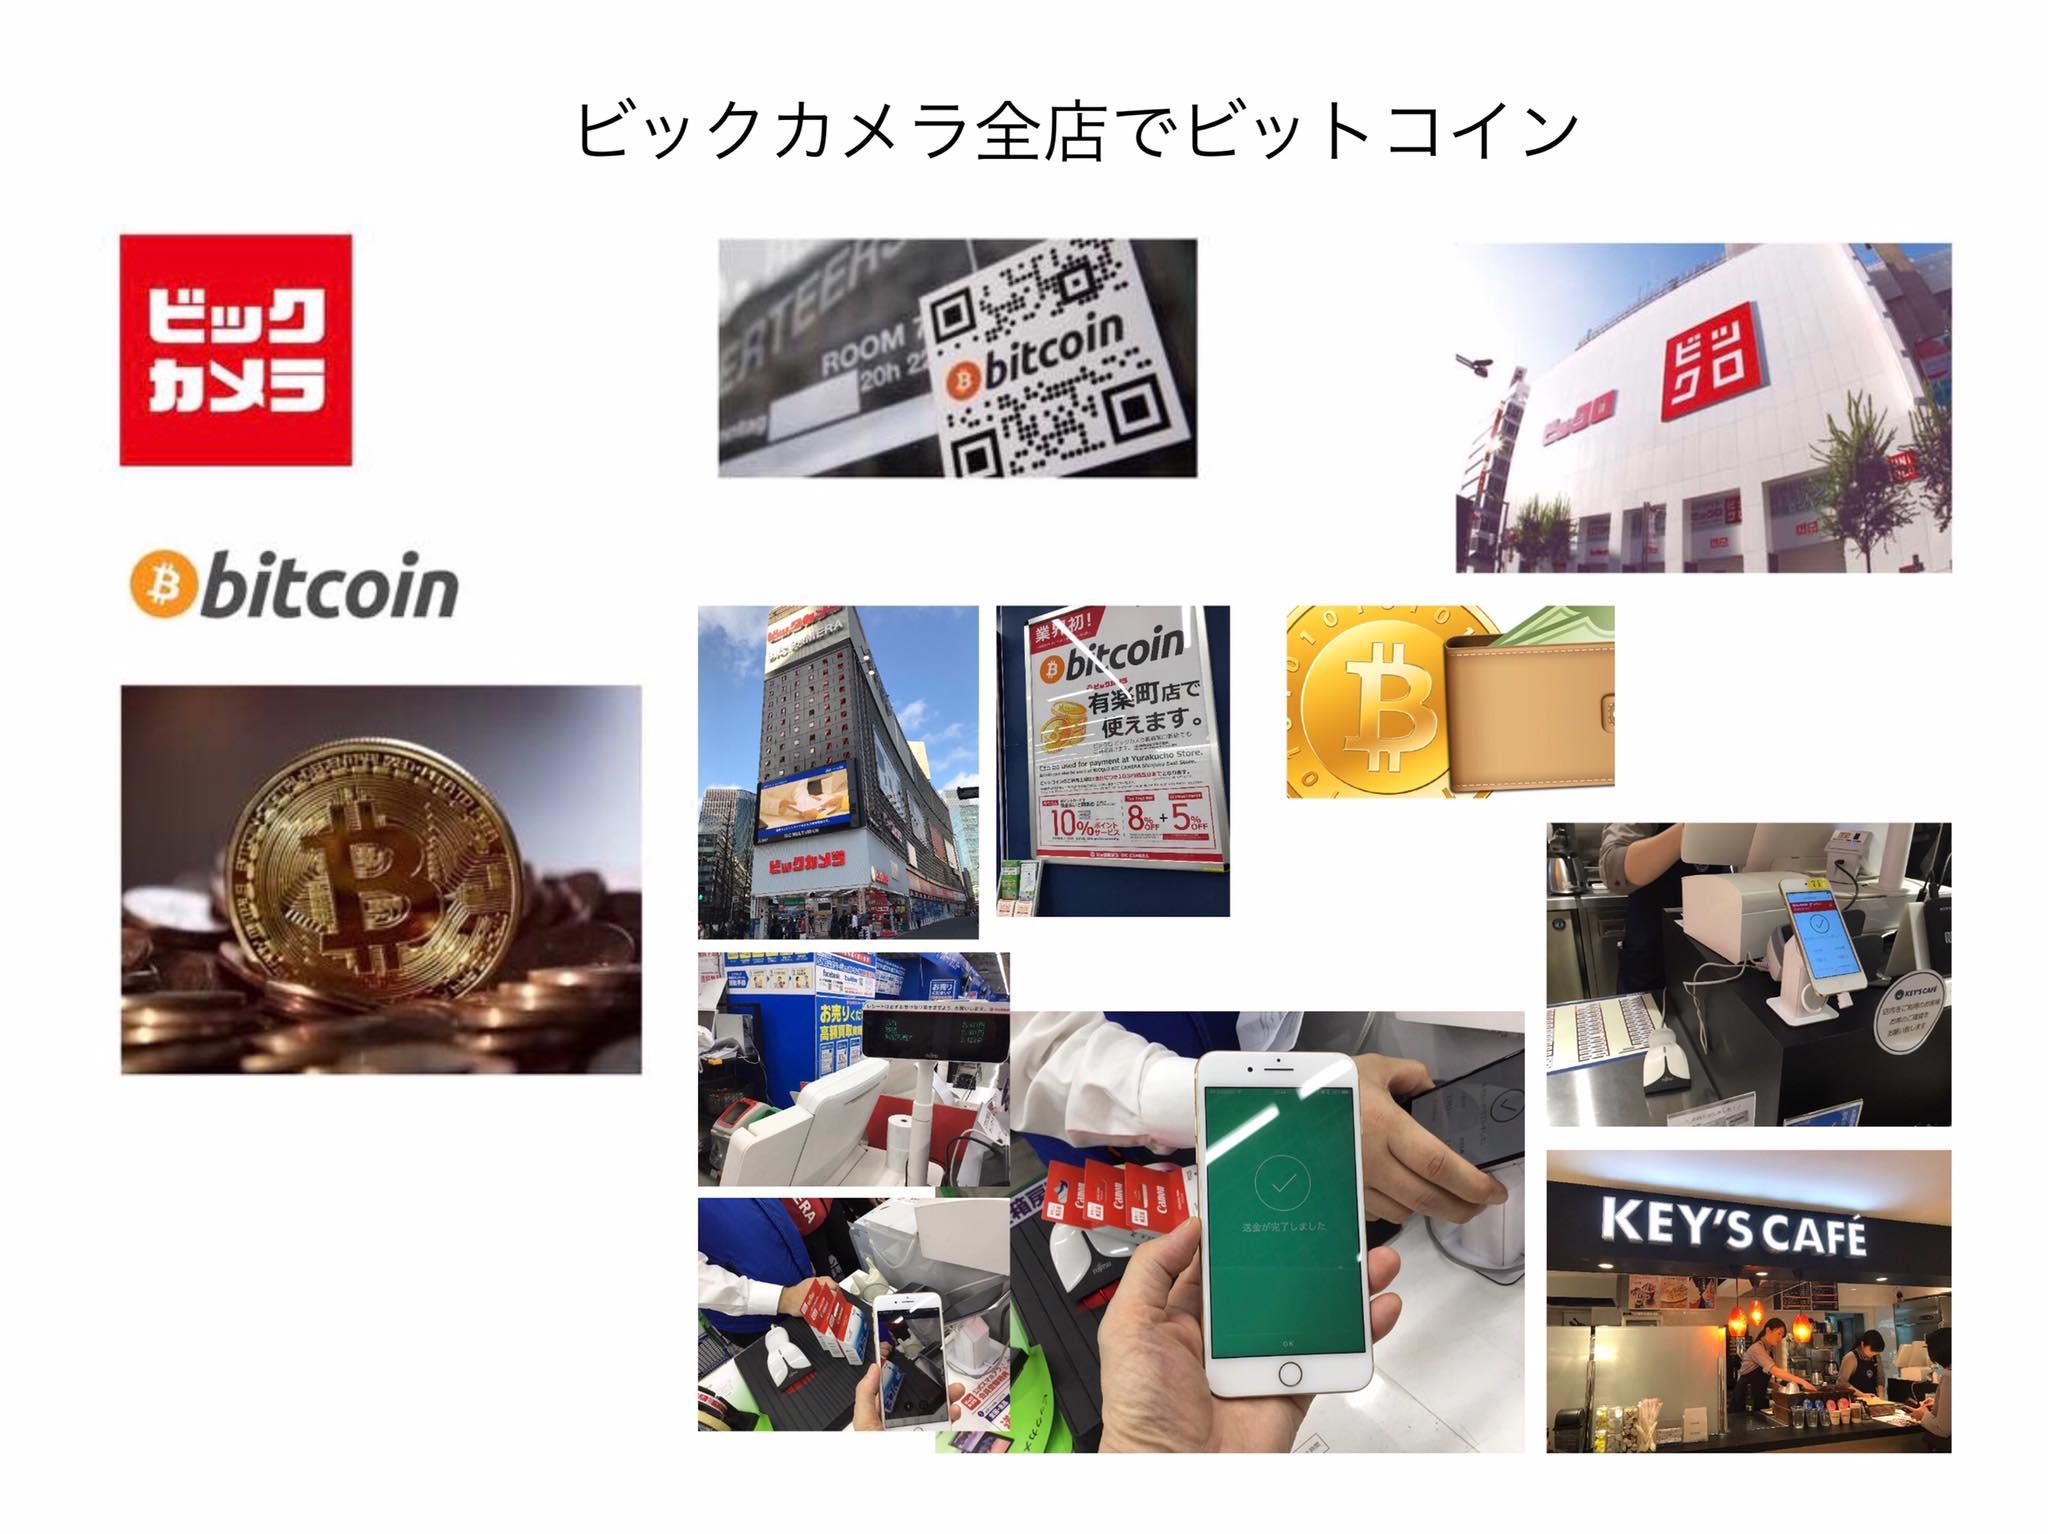 bic bitcoin